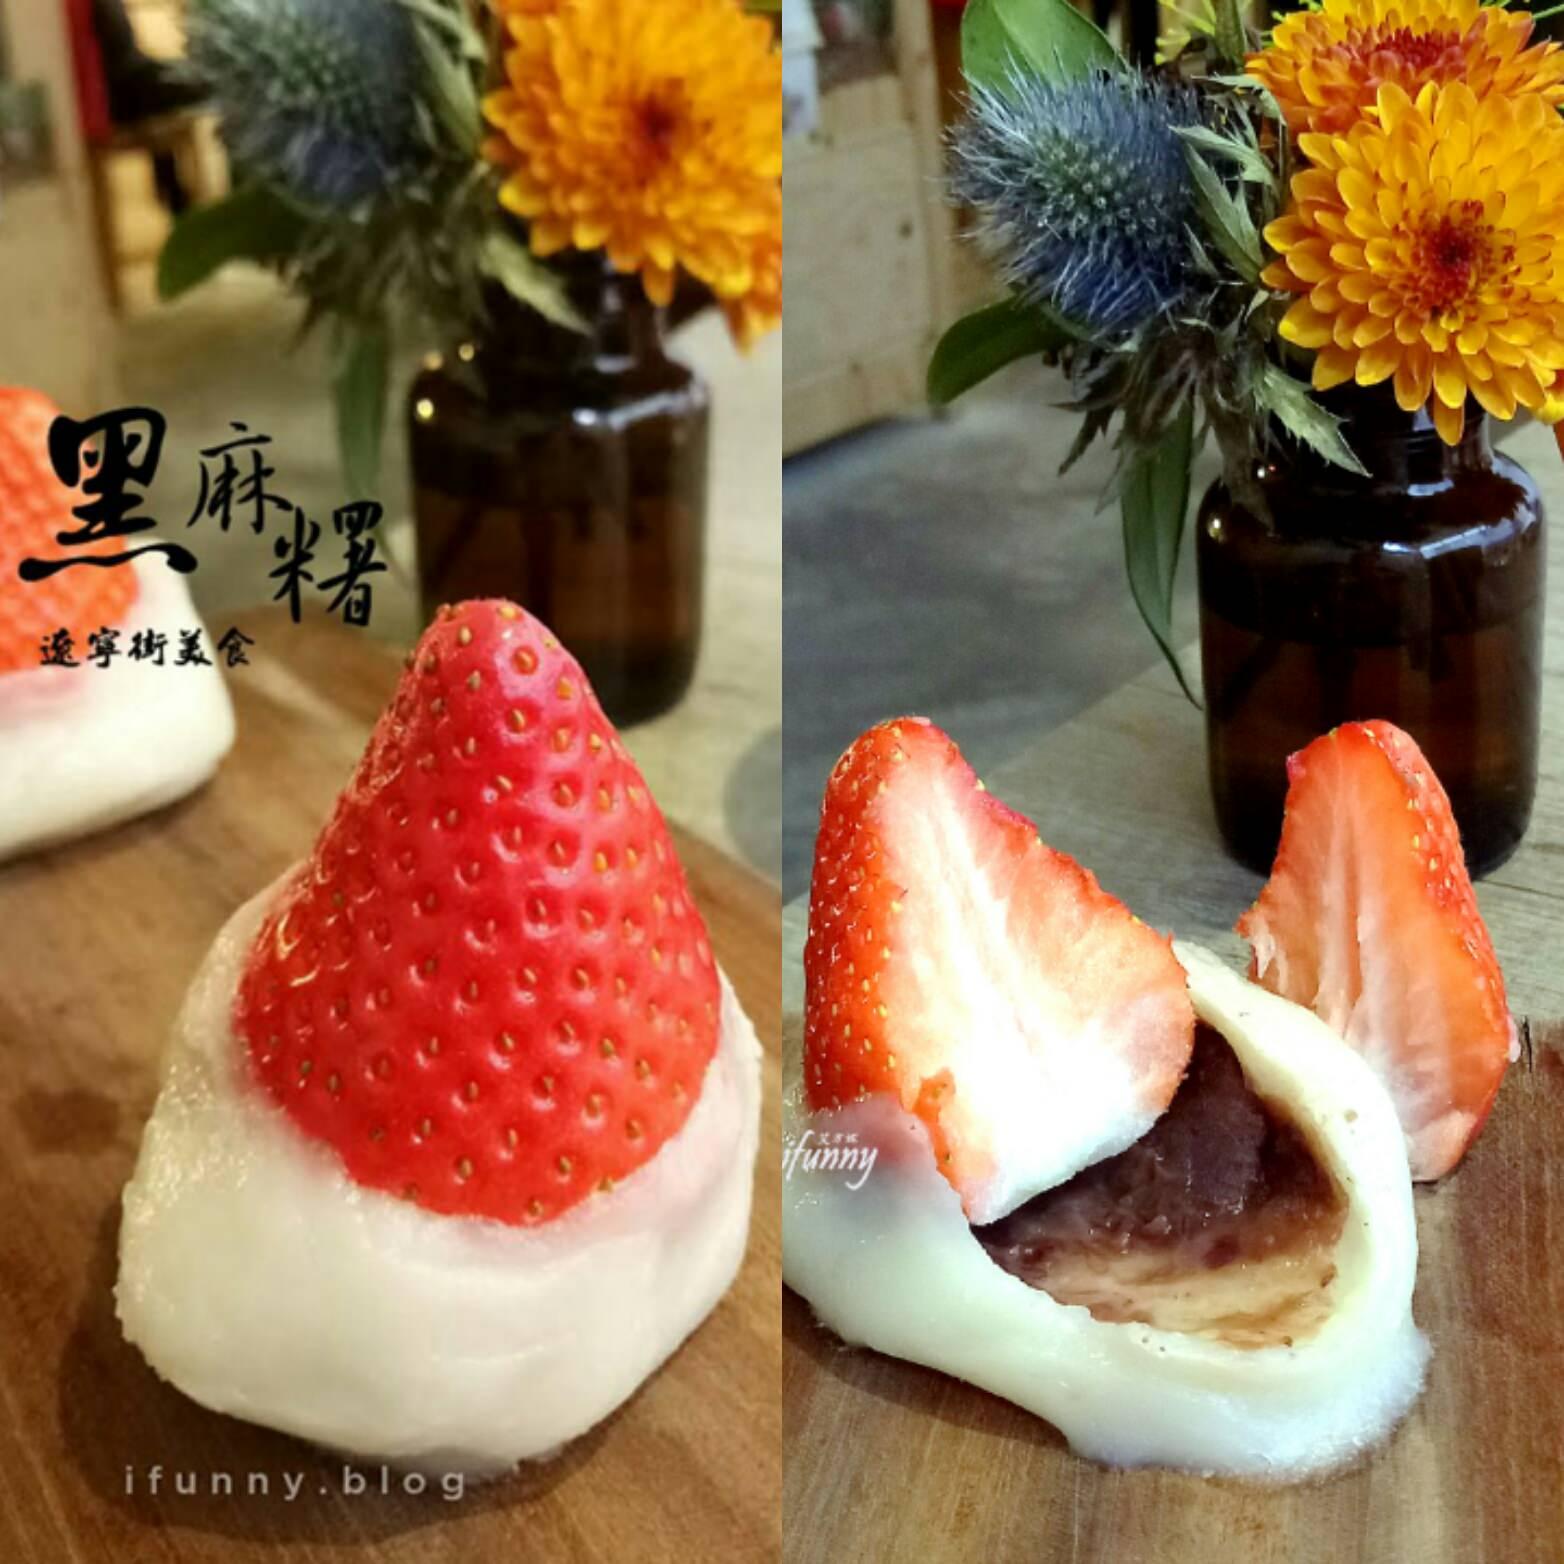 [南京復興站]黑麻糬 遼寧街美食~傳統兼具創新的銅板美食~遼寧夜市草莓大福